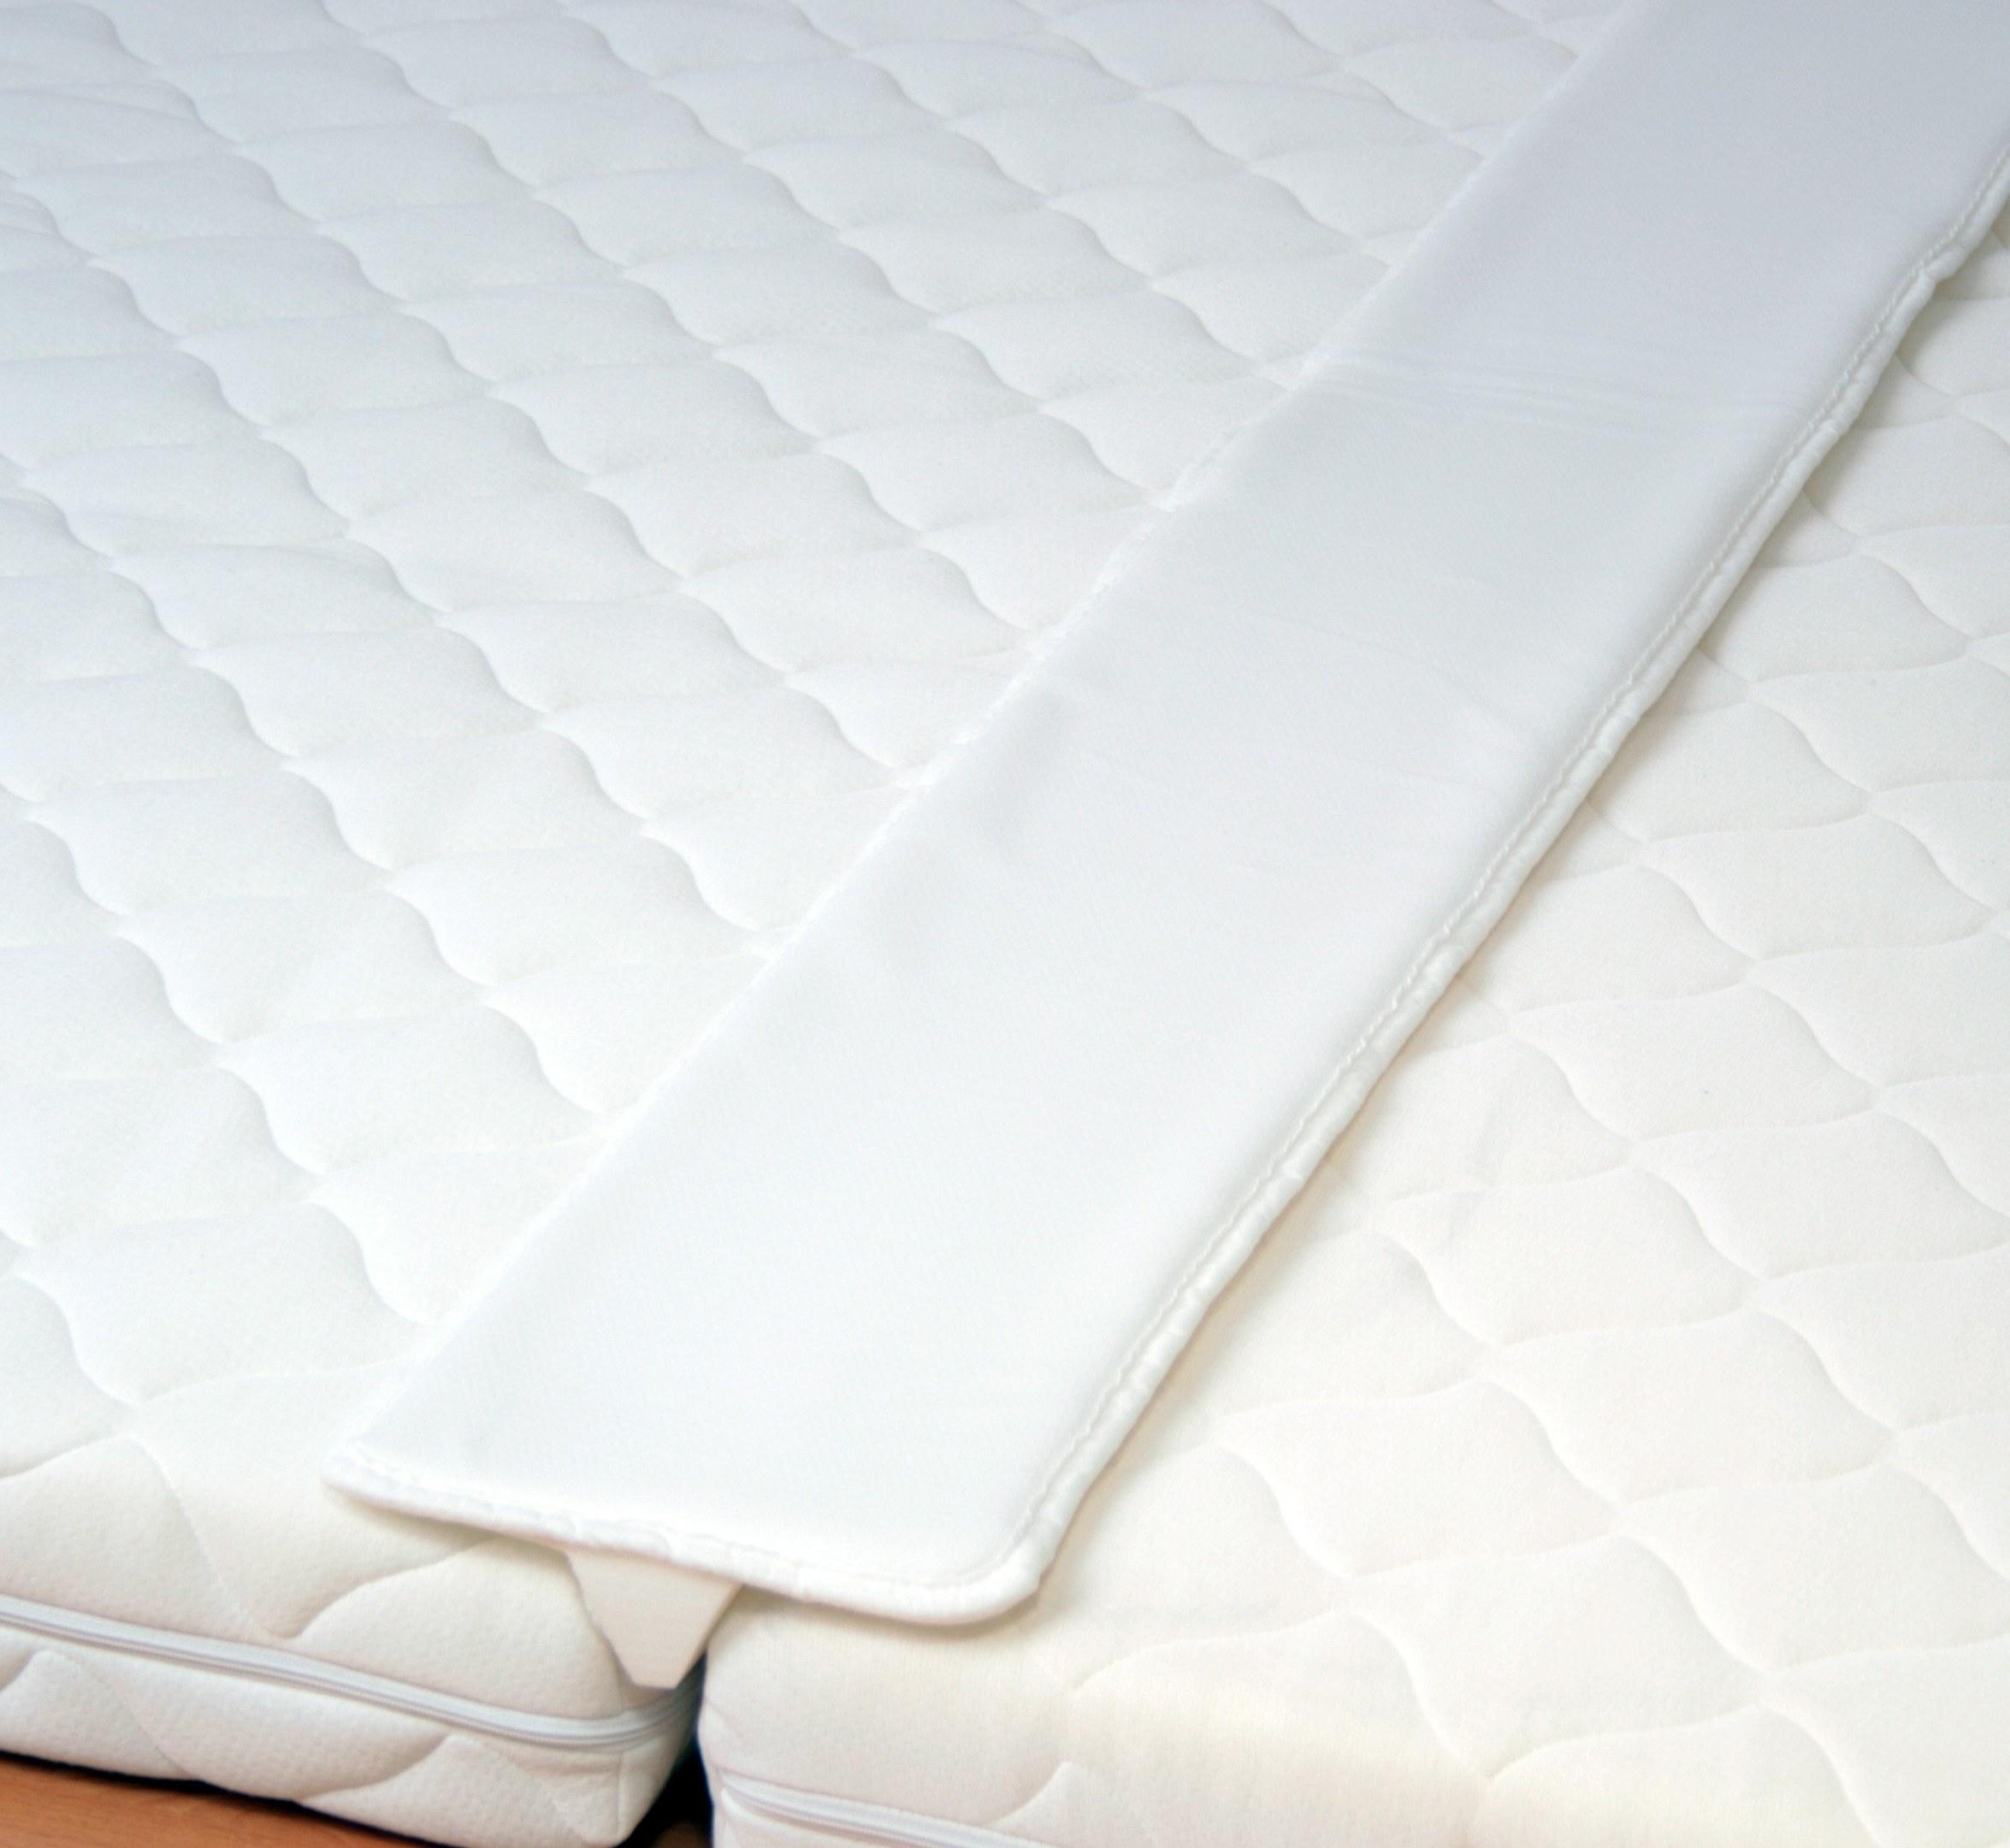 matratzen ritzenf ller. Black Bedroom Furniture Sets. Home Design Ideas